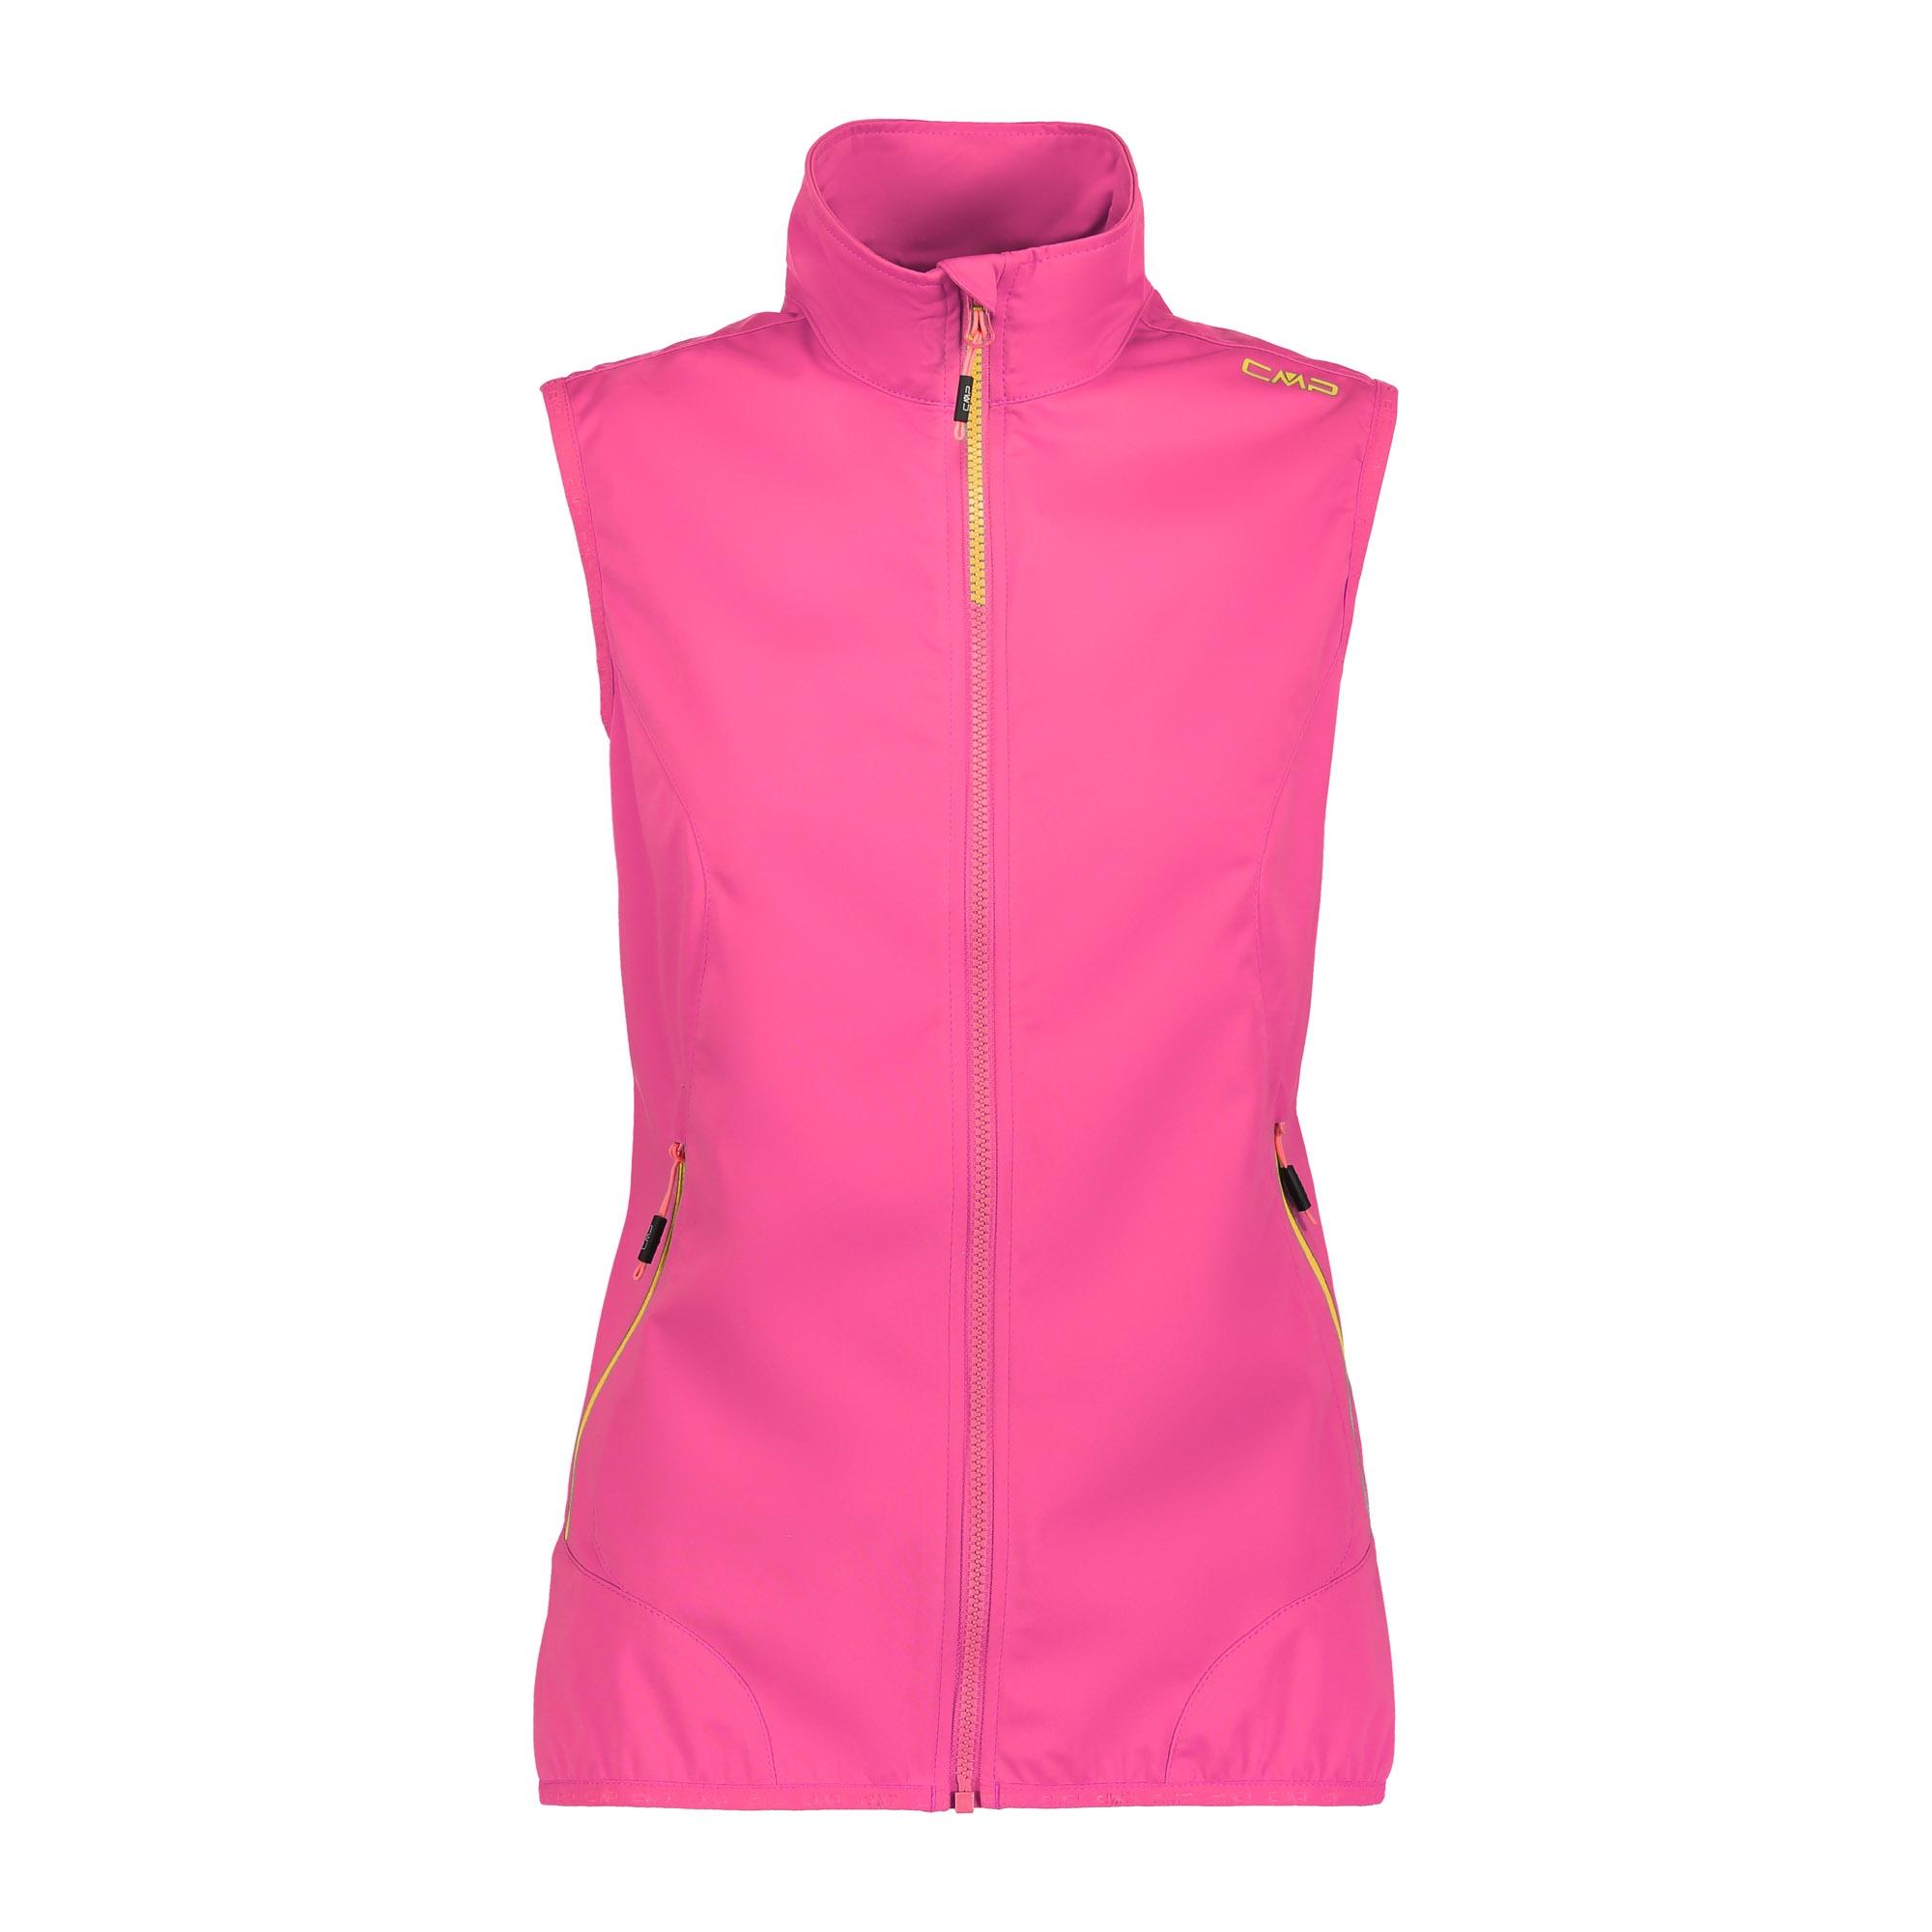 CMP Damen Weste mit Stehkragen 30A9736 pink